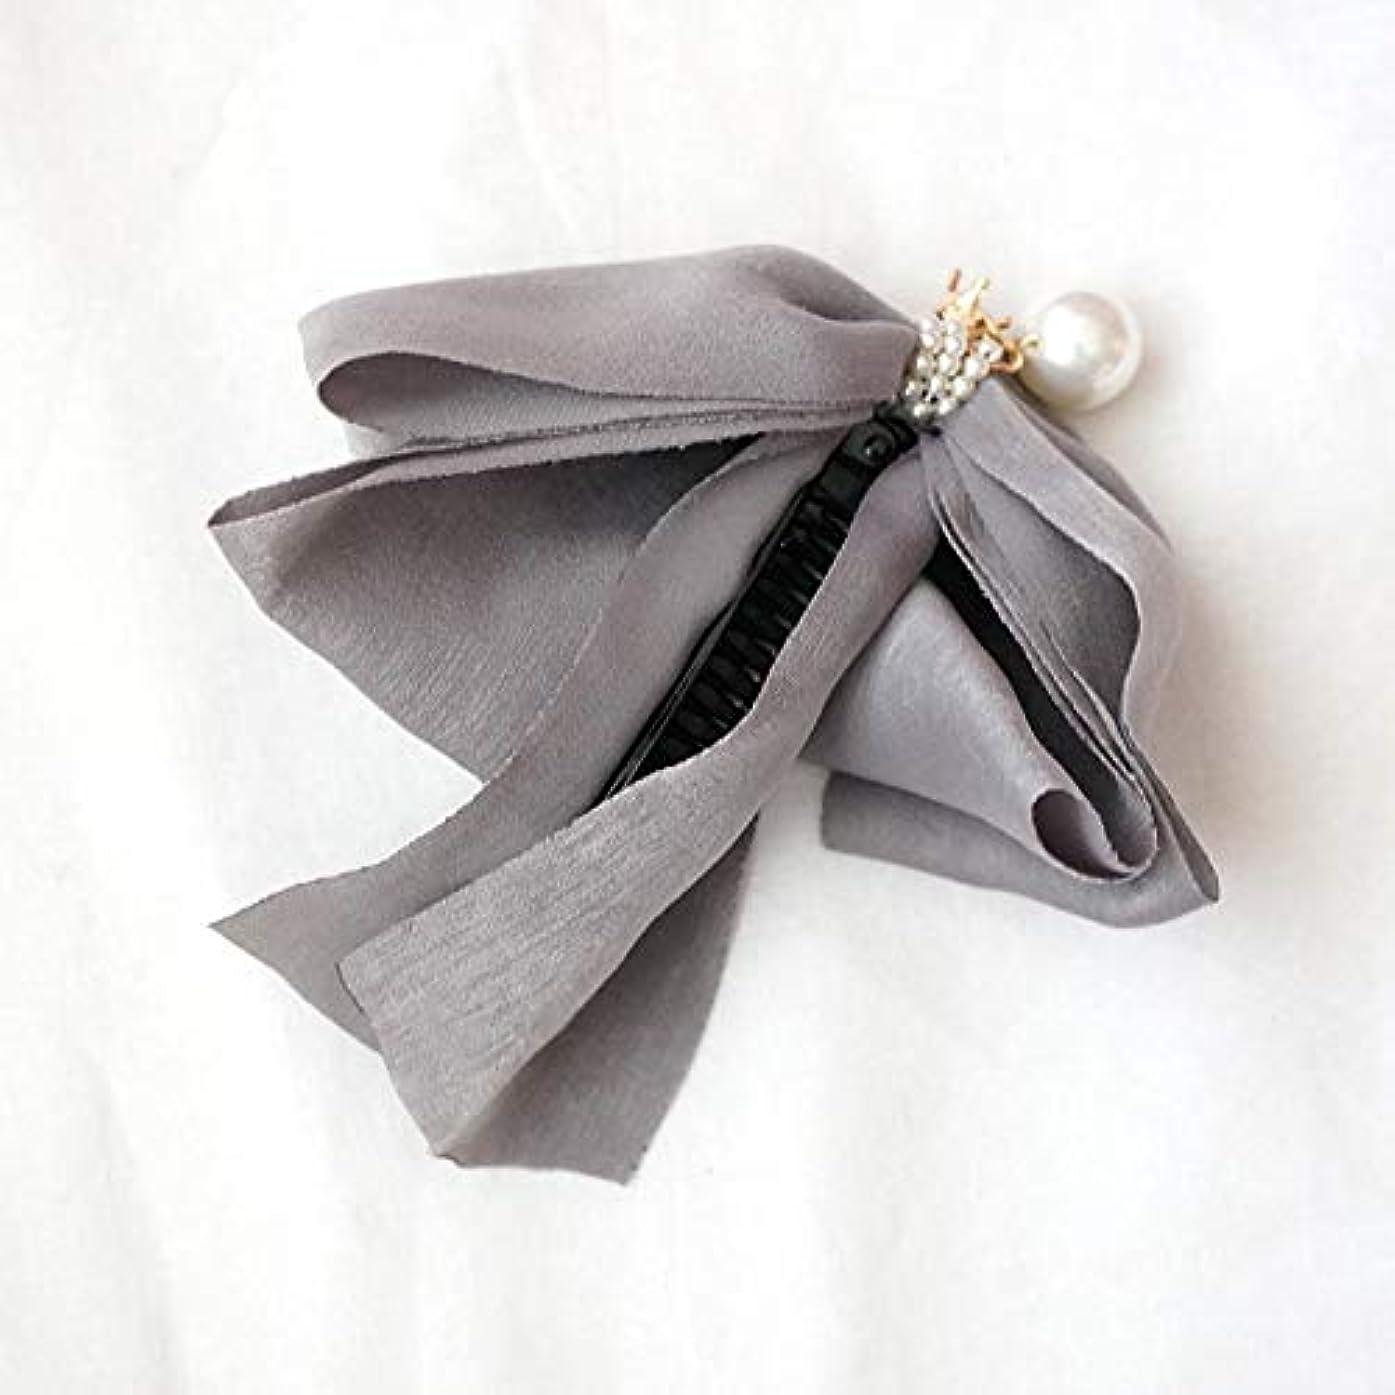 隠す権威精巧なHuaQingPiJu-JP ファッションロゼットヘアピン便利なヘアクリップ女性の結婚式のアクセサリー(グレー)